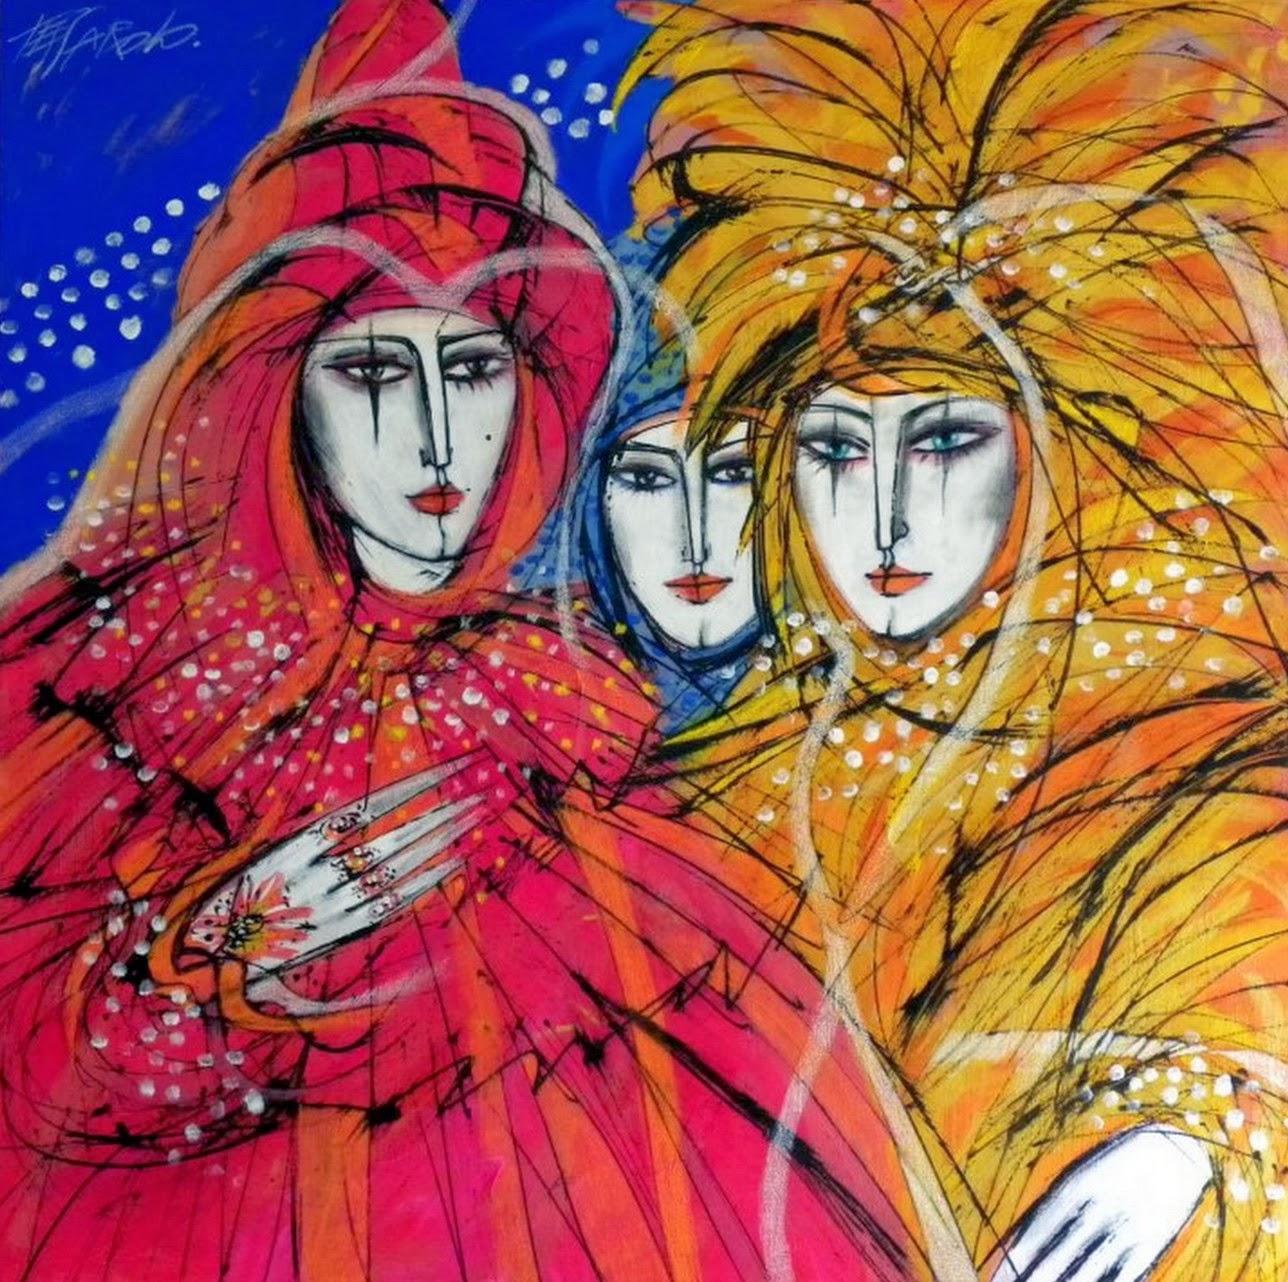 Cuadros modernos pinturas y dibujos pintura figurativa - Cuadros figurativos modernos ...